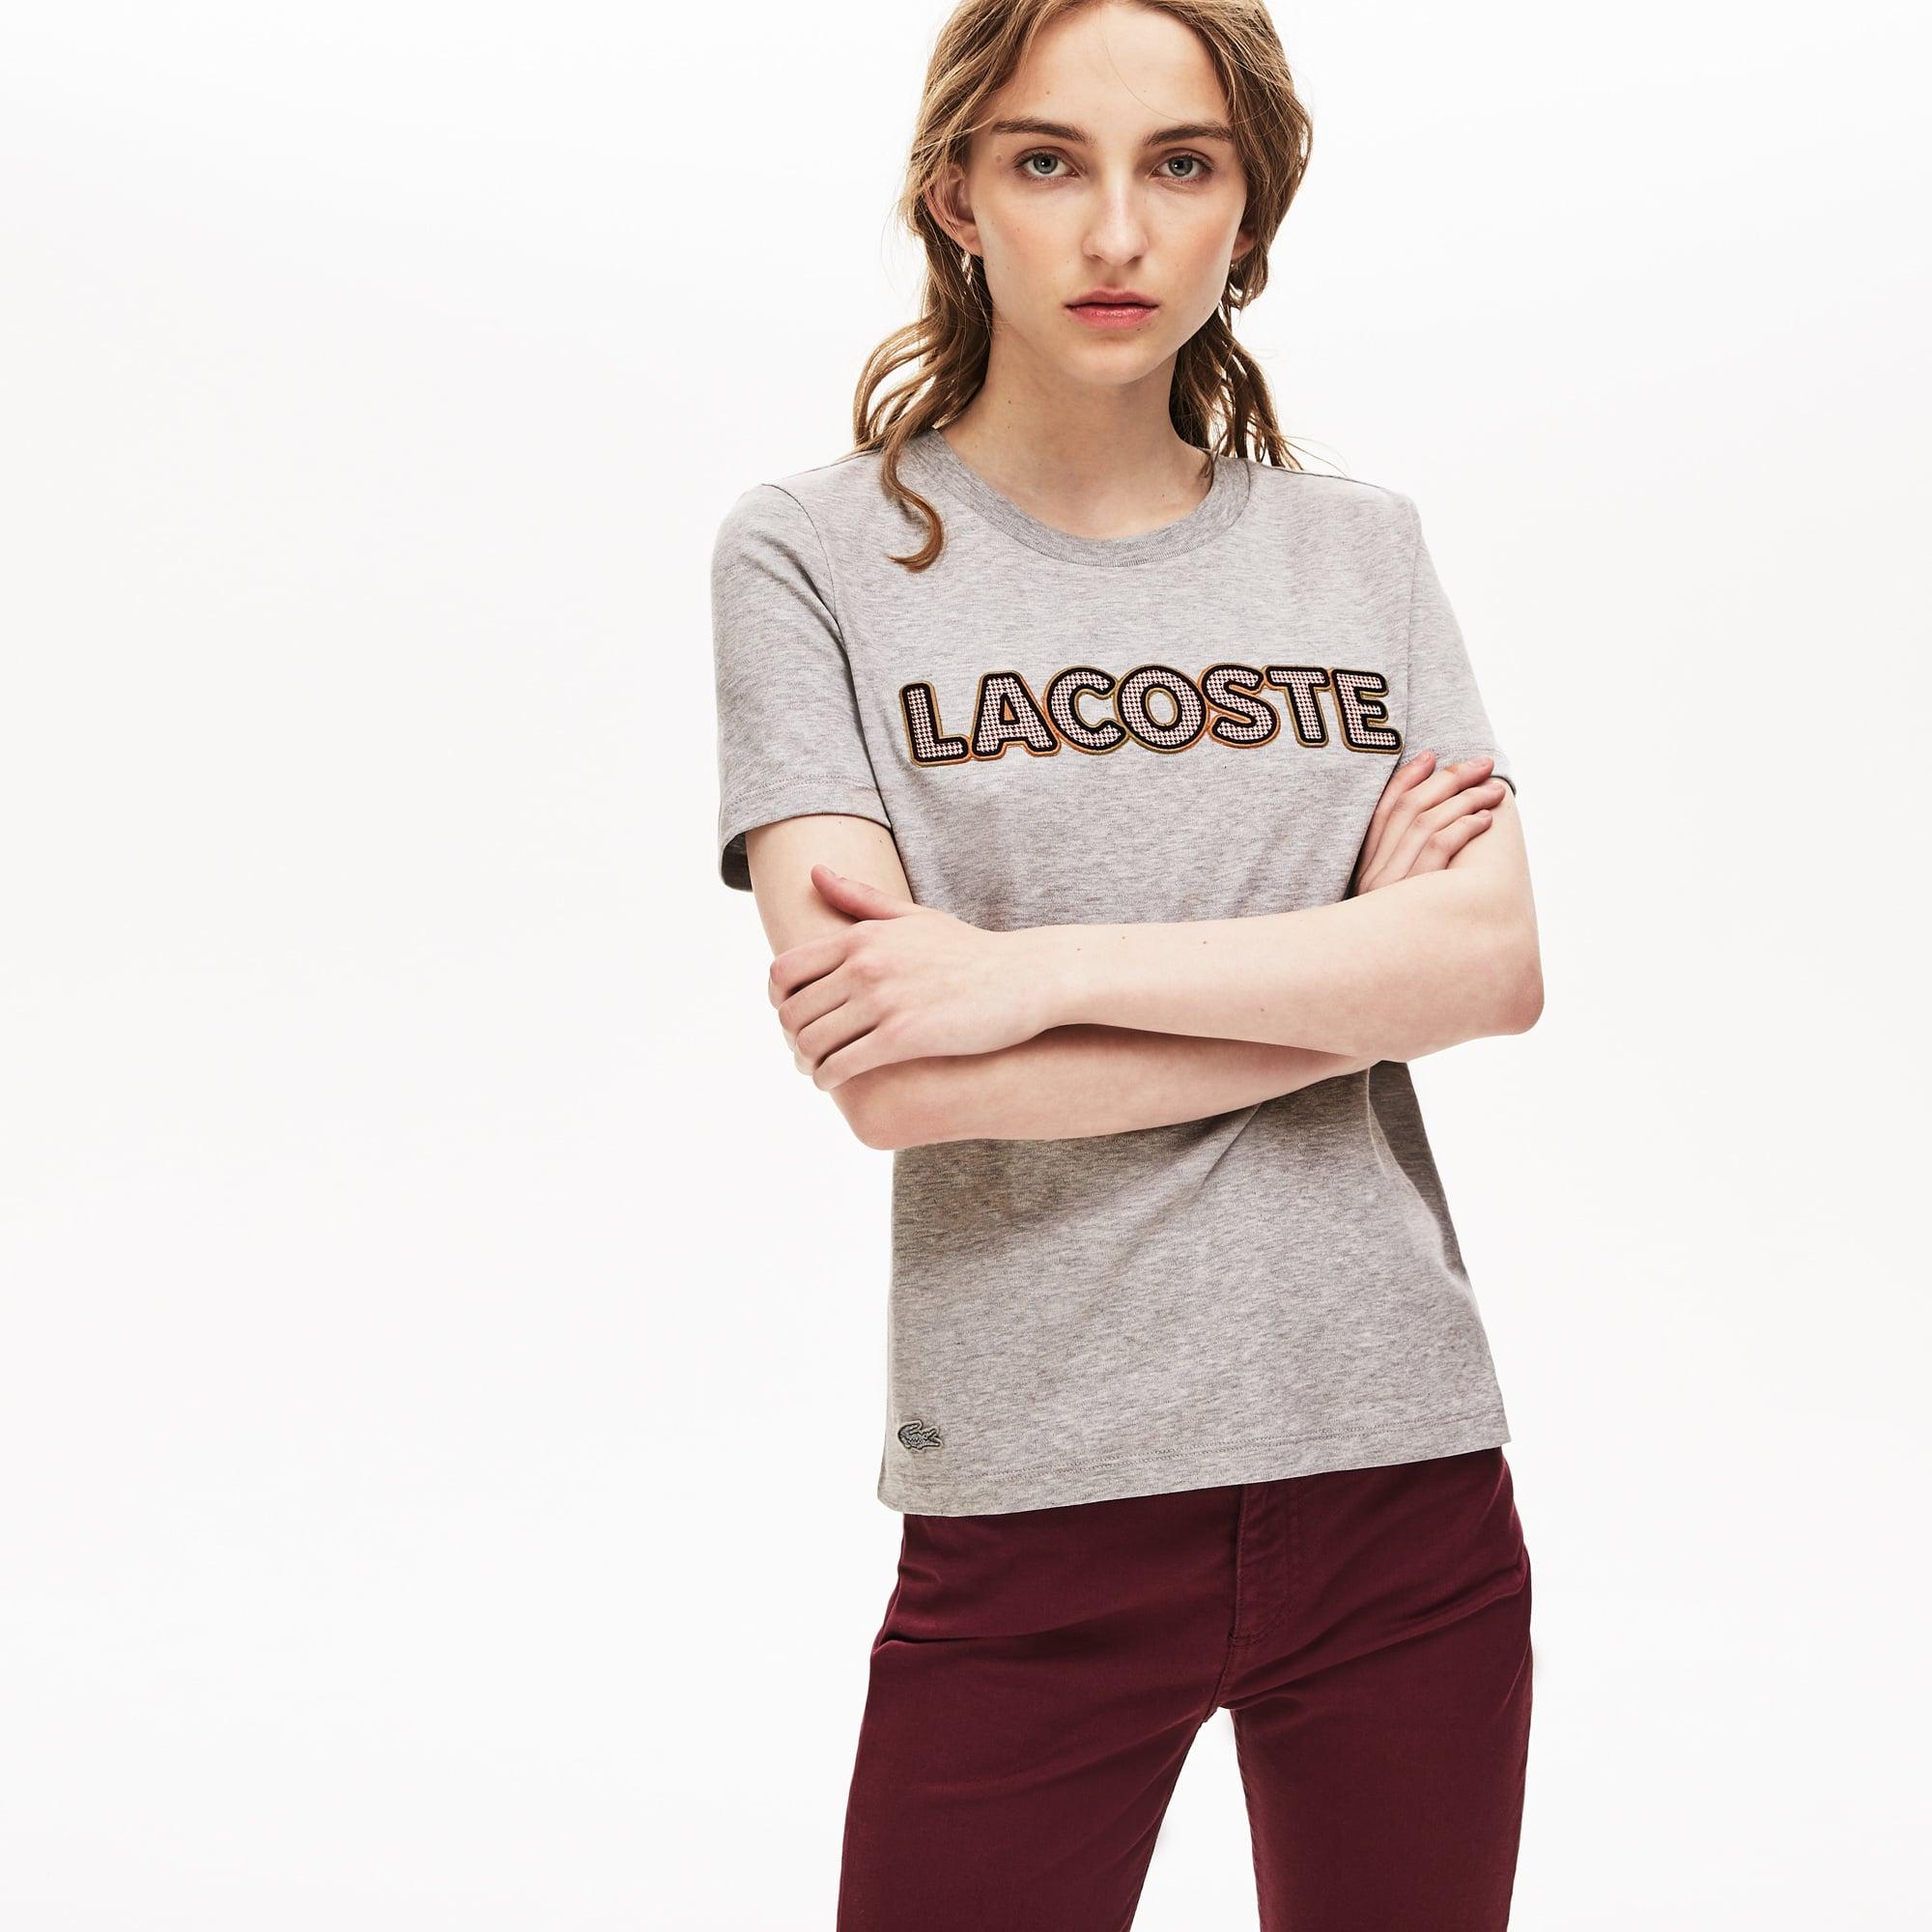 Lacoste Tops Women's Crewneck Lightweight Cotton T-shirt